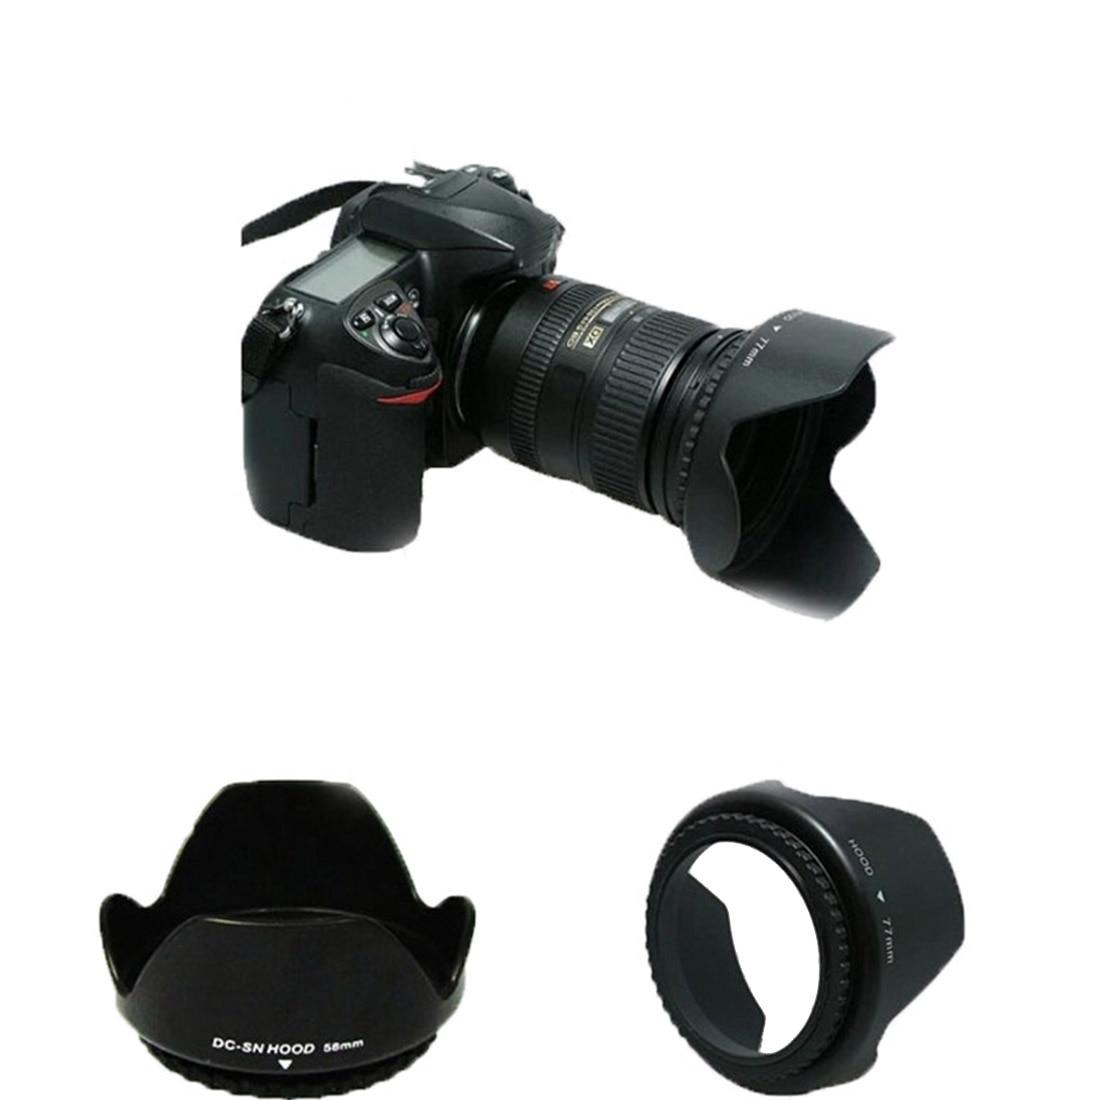 Bayonet Shade Flower Lens Hood for Nikon HB-69 AF-S DX NIKKOR 18-55mm f 3.5-5.6G VR II D3200 D5200